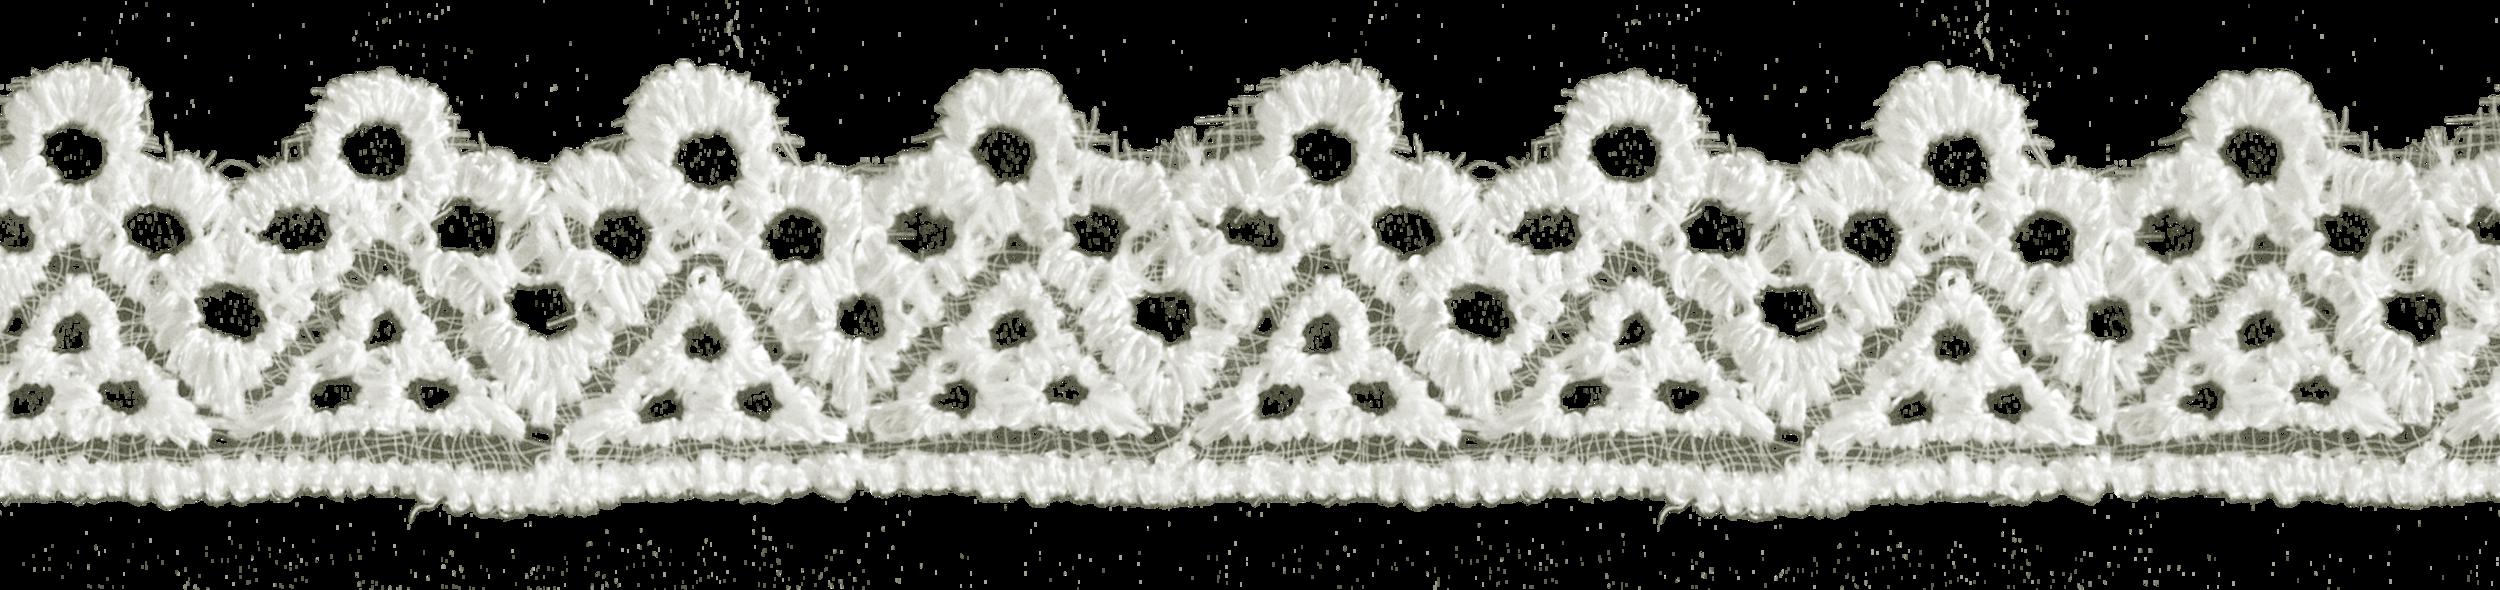 Crochet Loop Edge.png